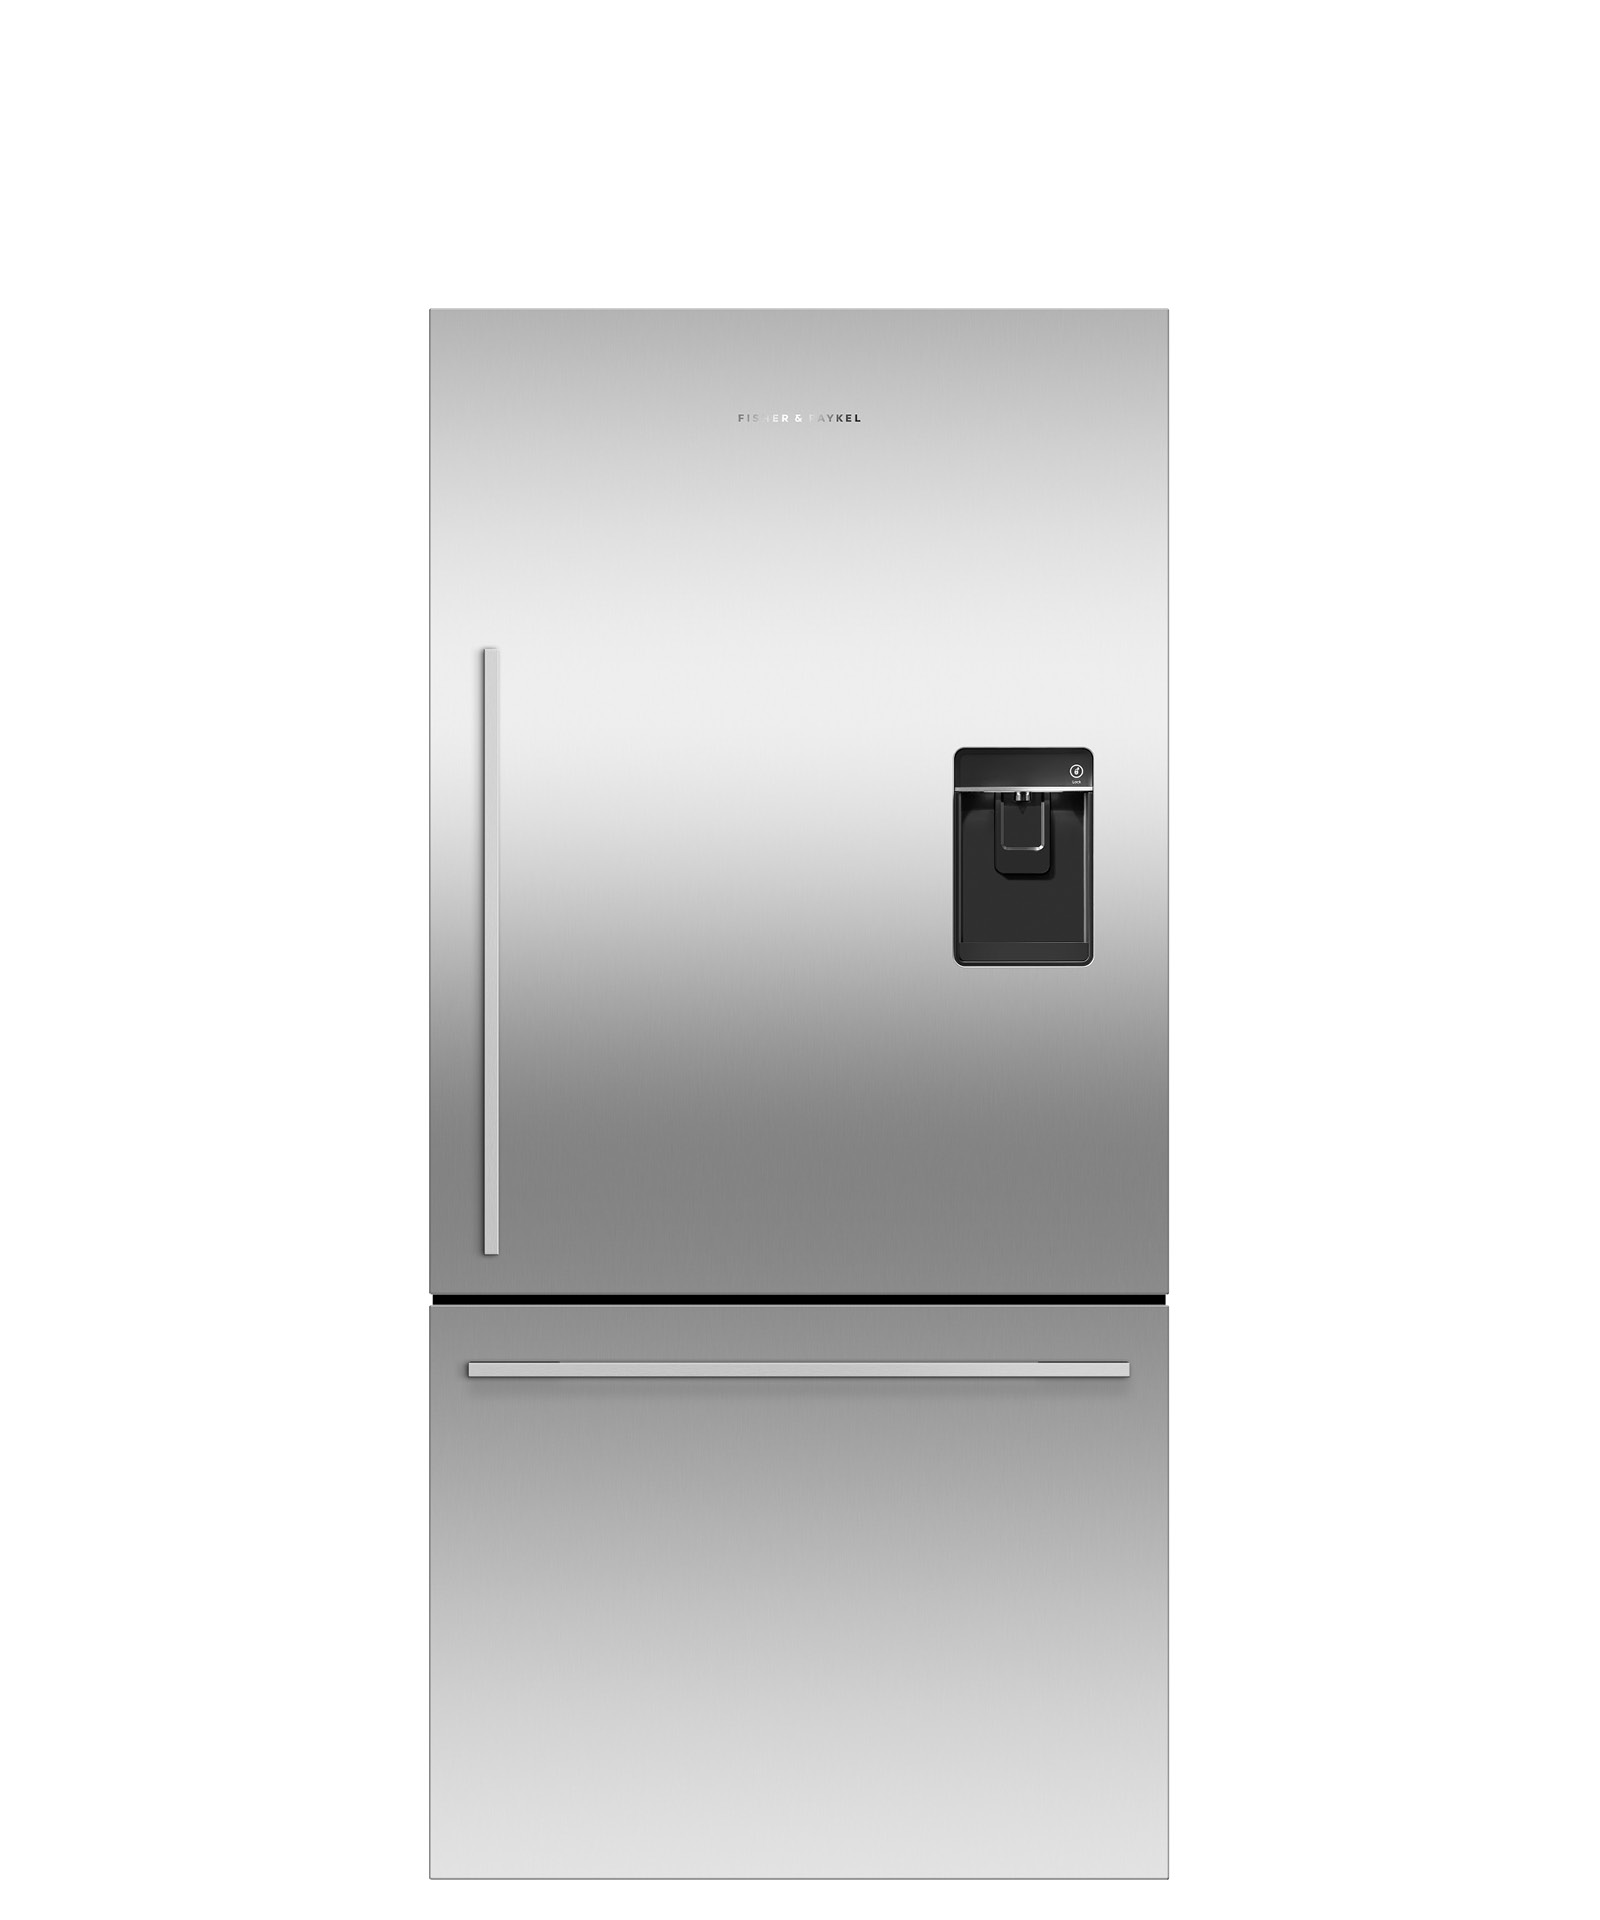 orldbgfx cm standing dual fuel cooker activesmartacirc132cent fridge 790mm door drawer ice water 445l